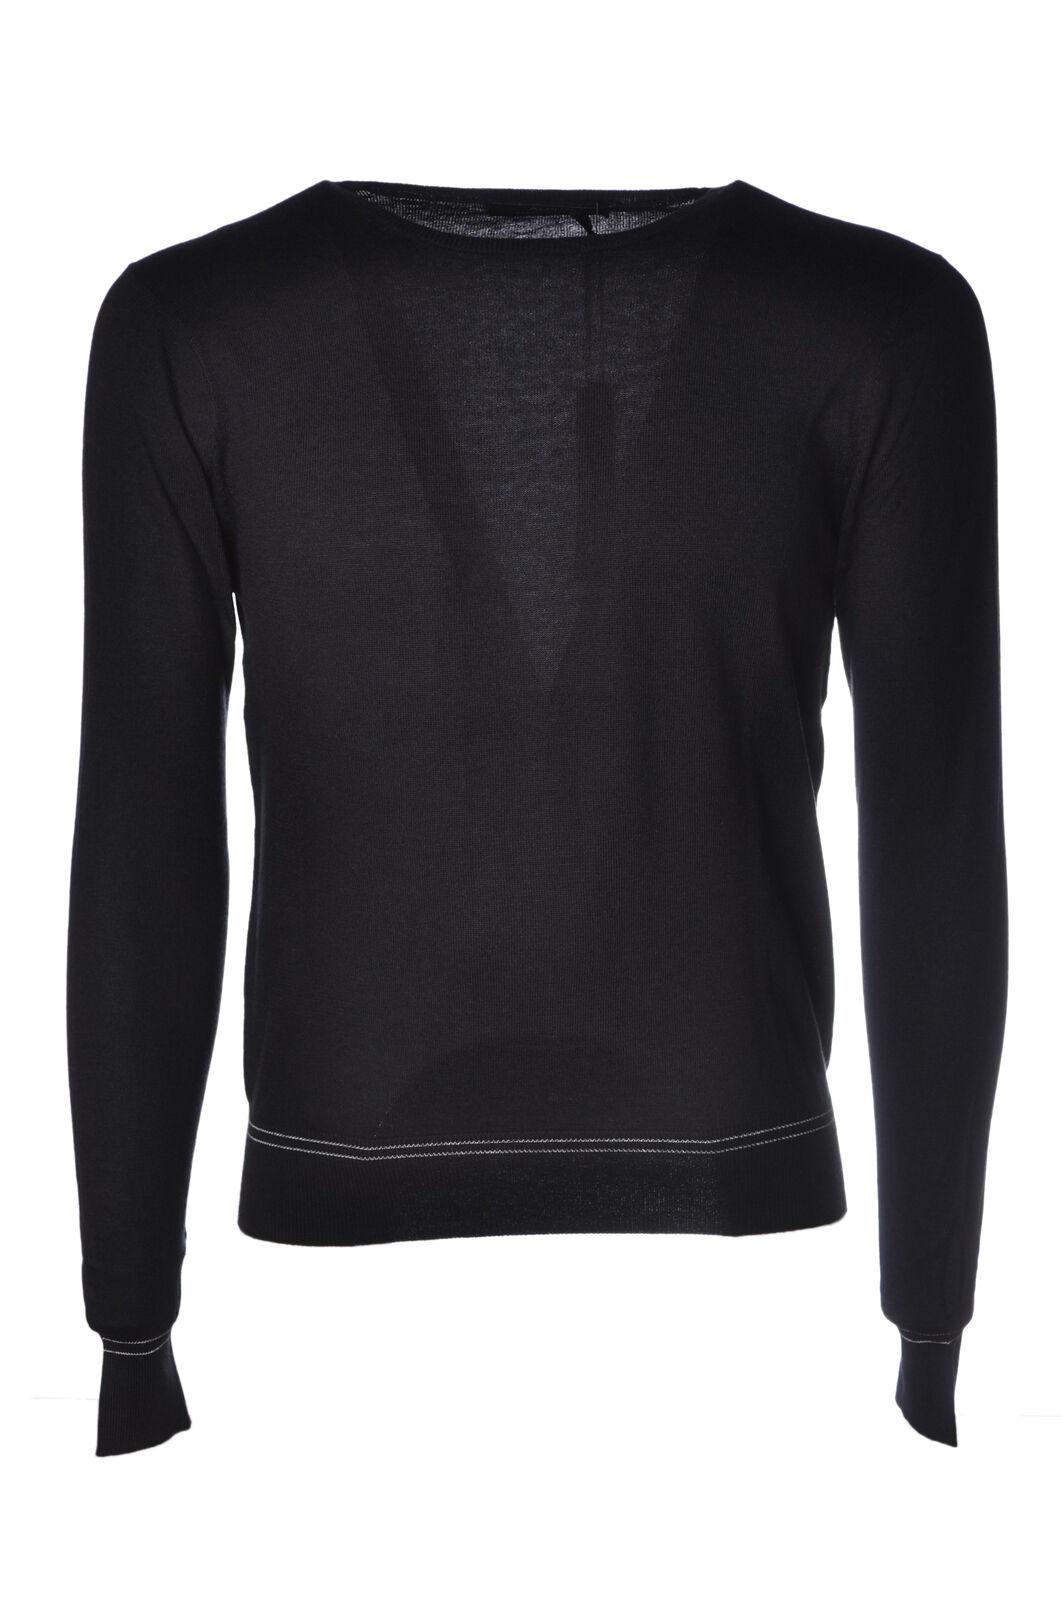 Alpha  -  Sweaters - Male - bluee - 4566823A184725